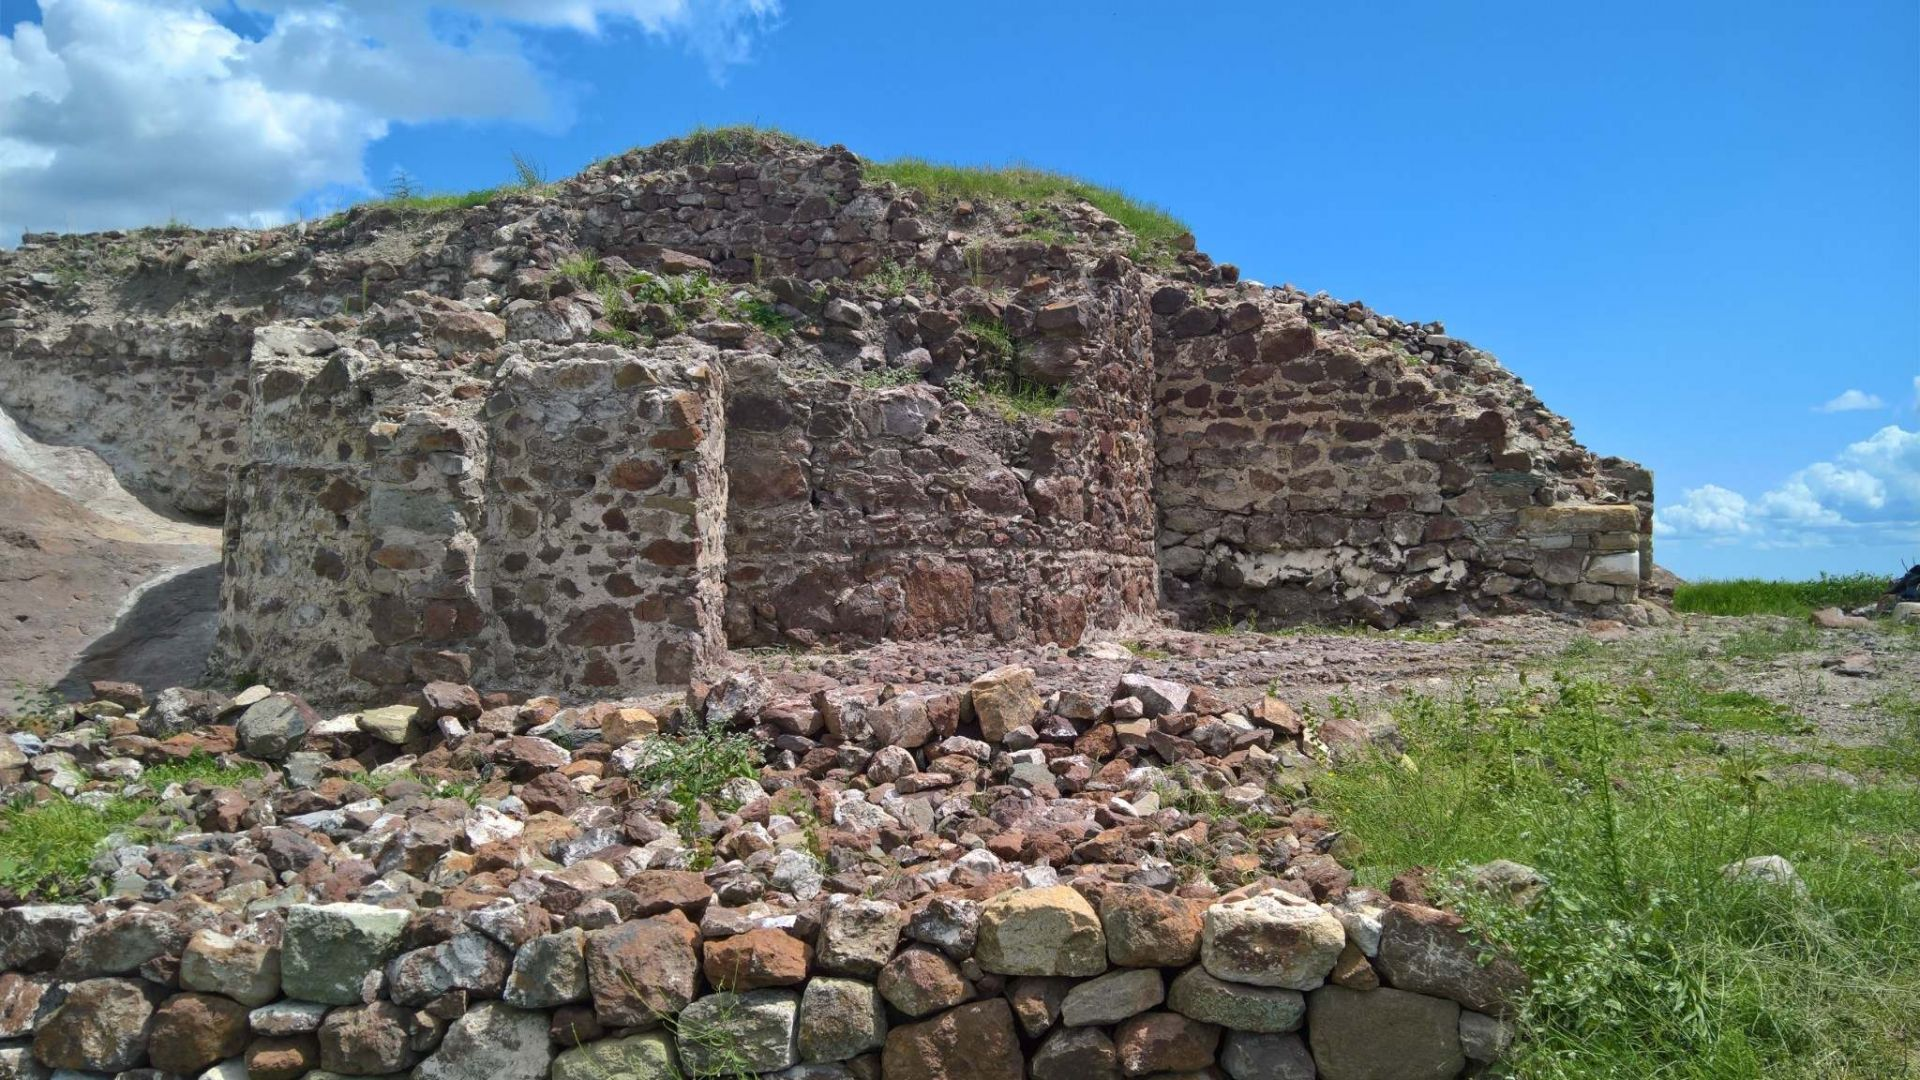 Започнаха разкопки на водохранилището на замъка в Русокастро